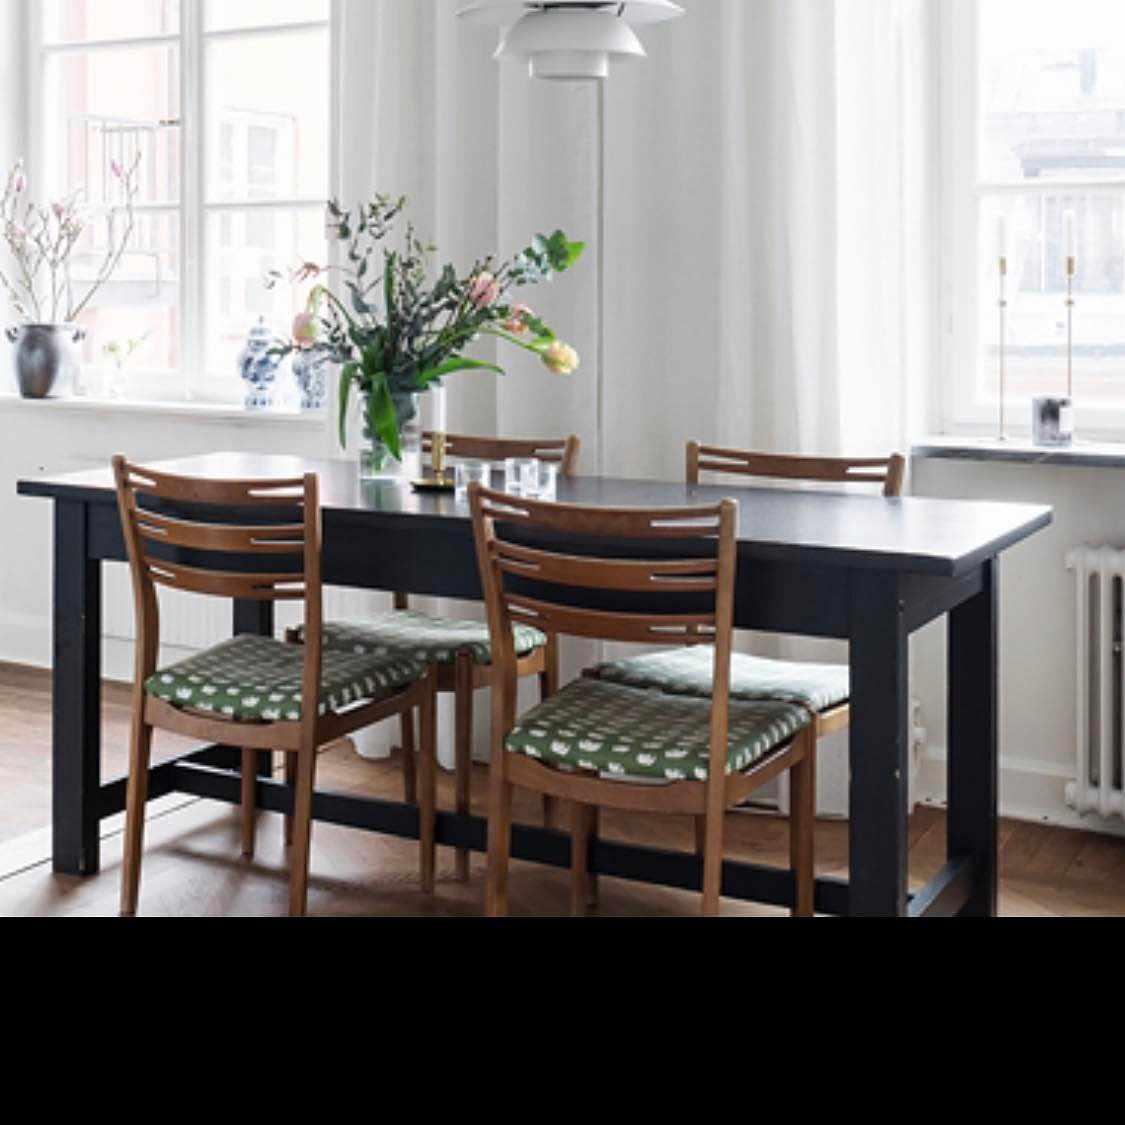 image of Matbord bortskänkes - Stockholm